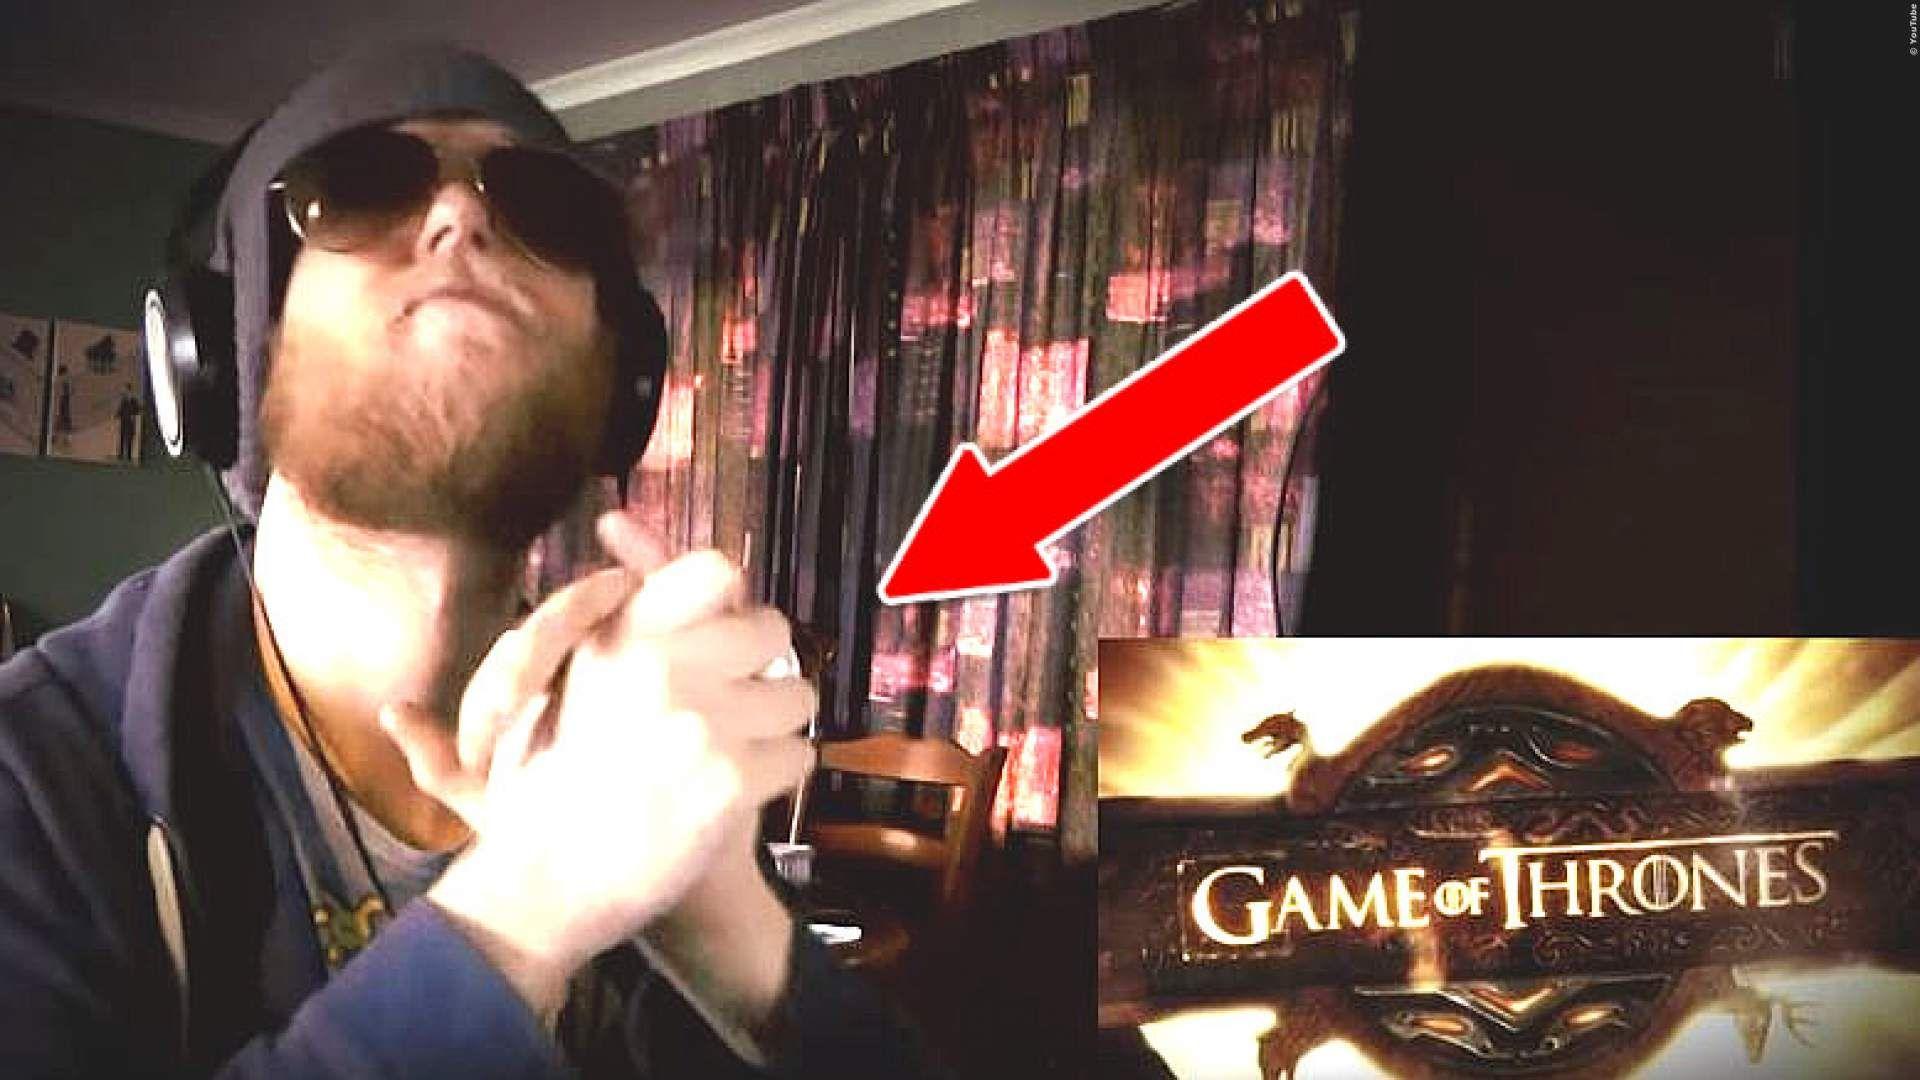 VIDEO Dieser Typ furzt 'Game Of Thrones' mit seiner Hand